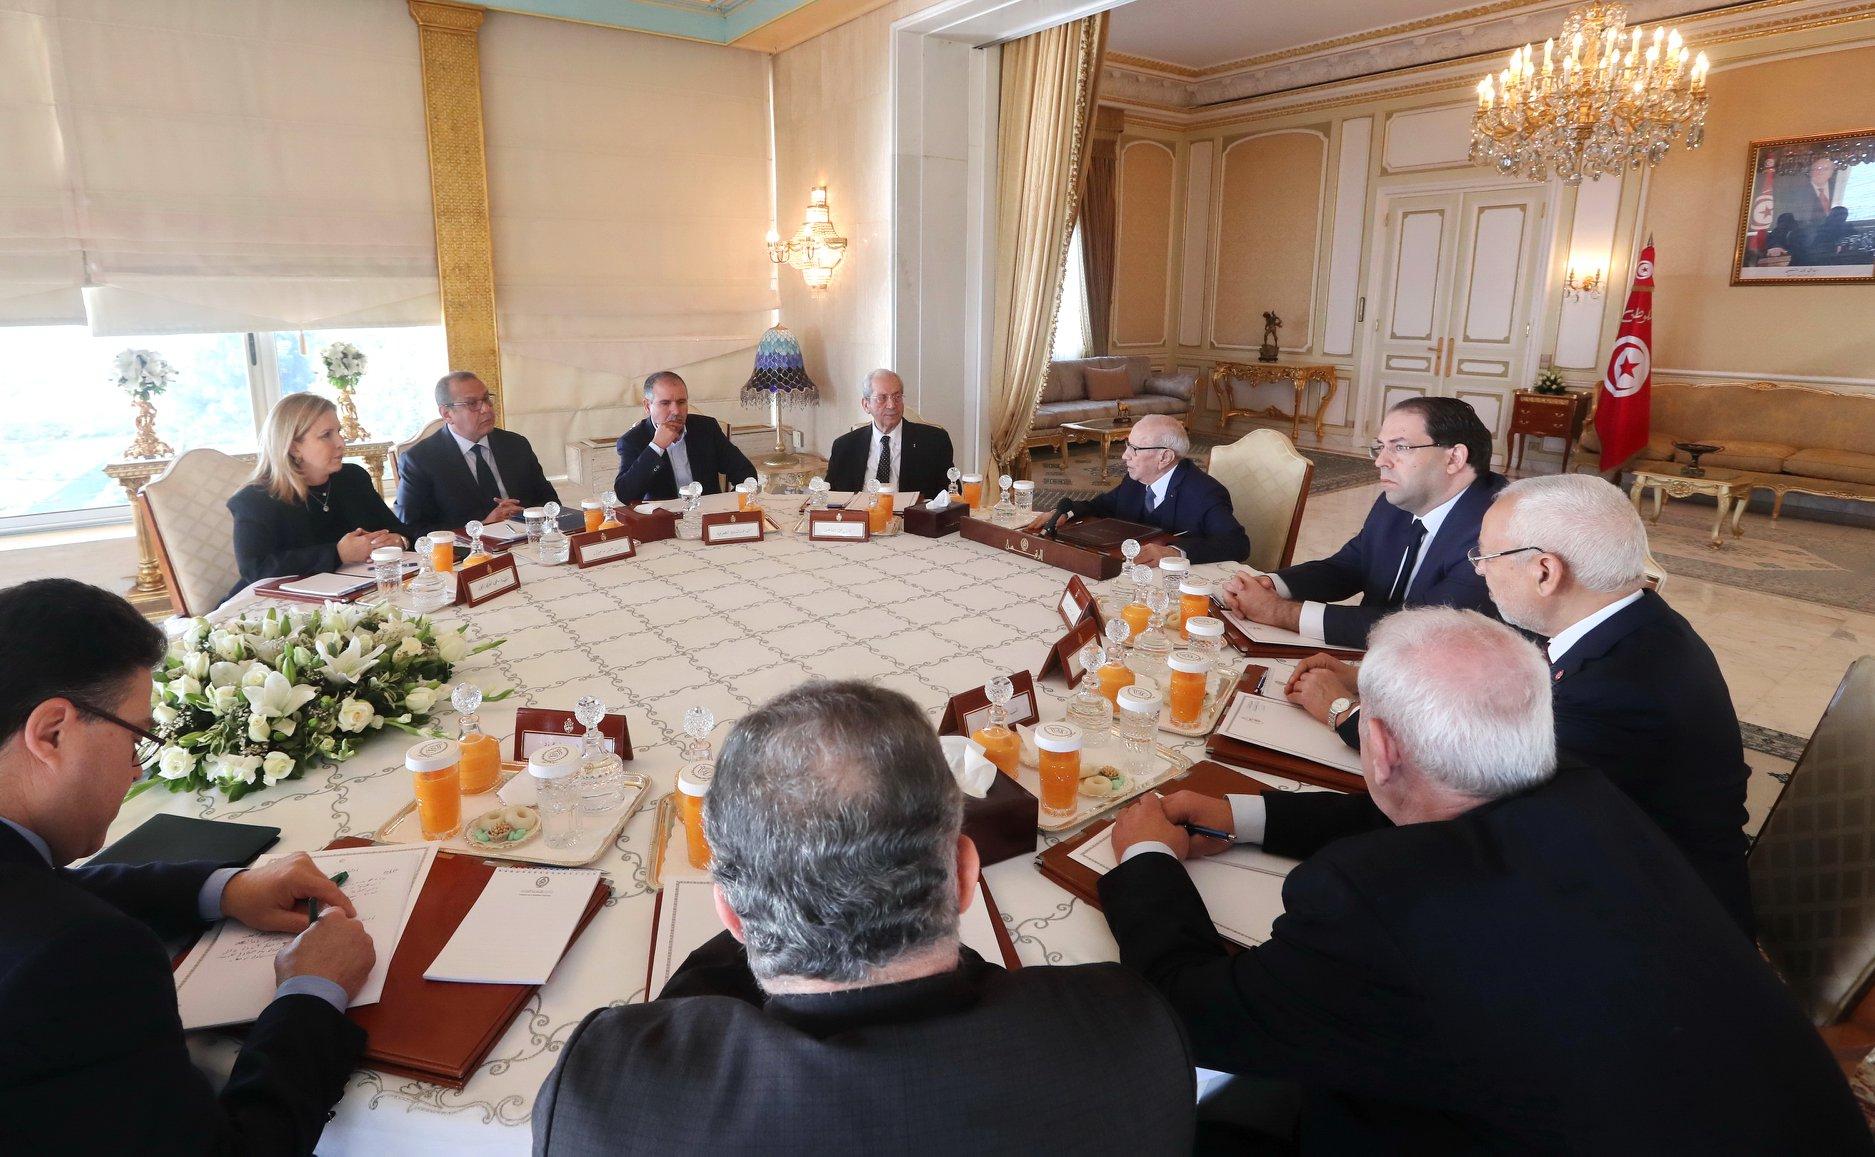 خفايا اجتماع القصر: نقد لاذع للحكومة وللبرلمان .. والنهاية بالكسكسي